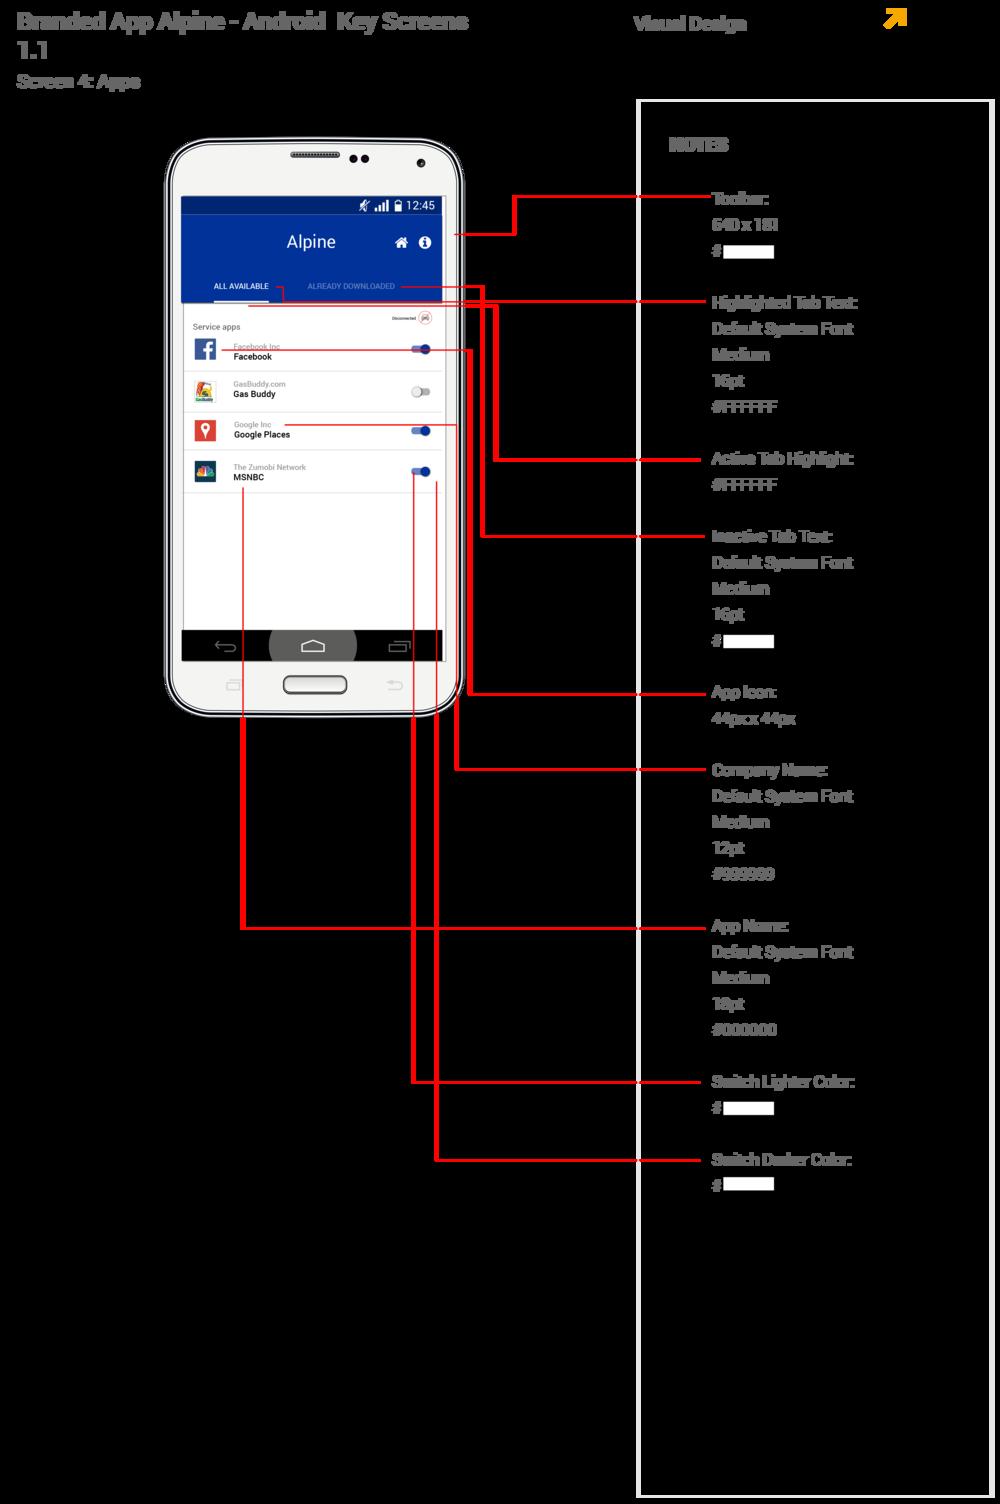 Alpine App_redacted-4.png